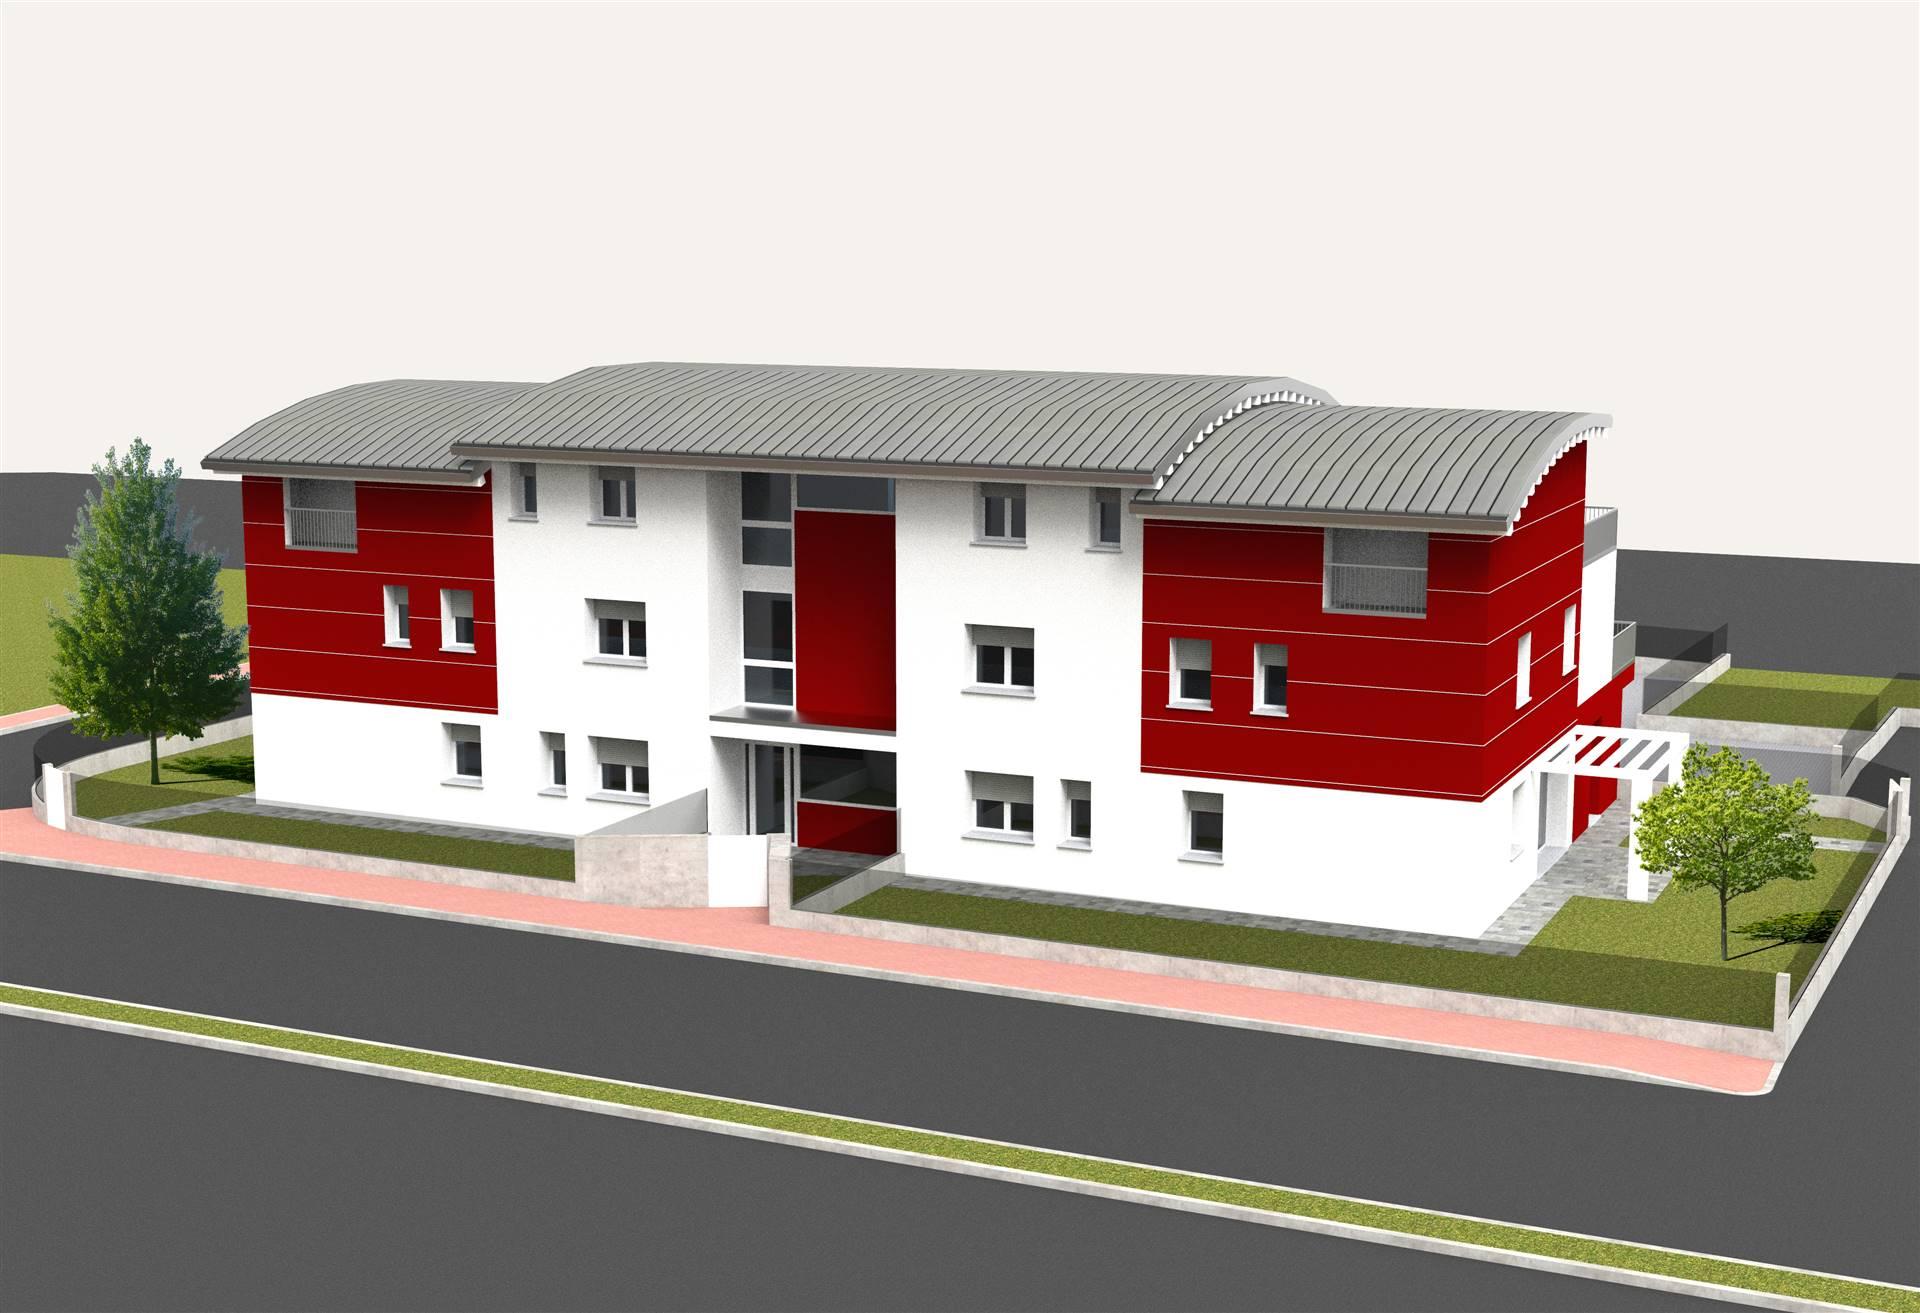 A soli 500 mt dal centro di SALZANO, proponiamo palazzina di sole 7 unità abitative in fase di costruzione. Appartamenti di ampia metratura, al piano